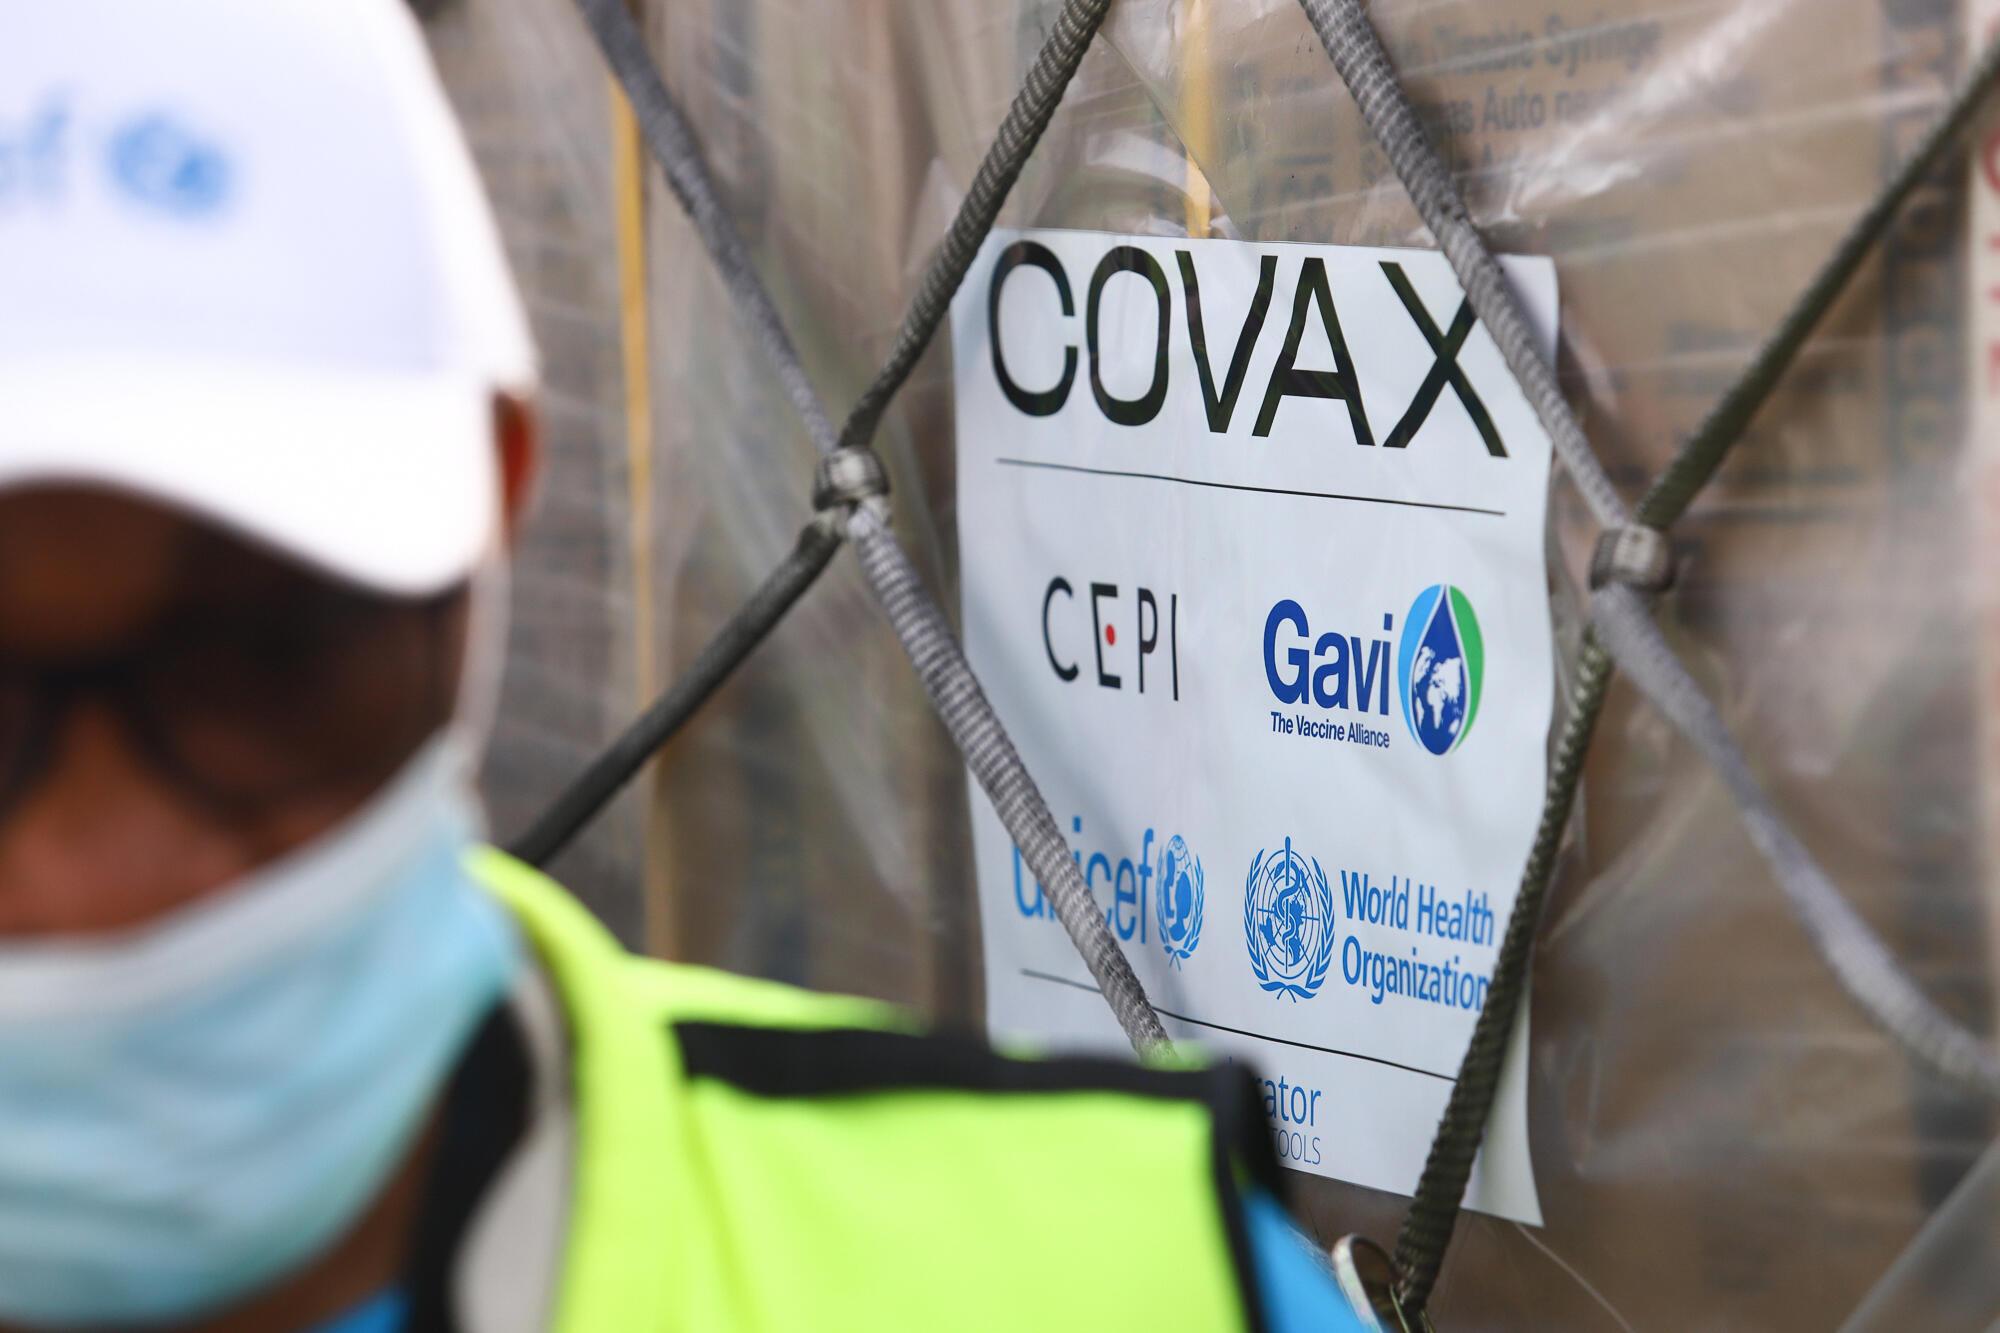 Le premier envoi de vaccins du programme Covax arrivant à l'aéroport d'Acra, au Ghana, le 24 février 2021 (Photo illustration)